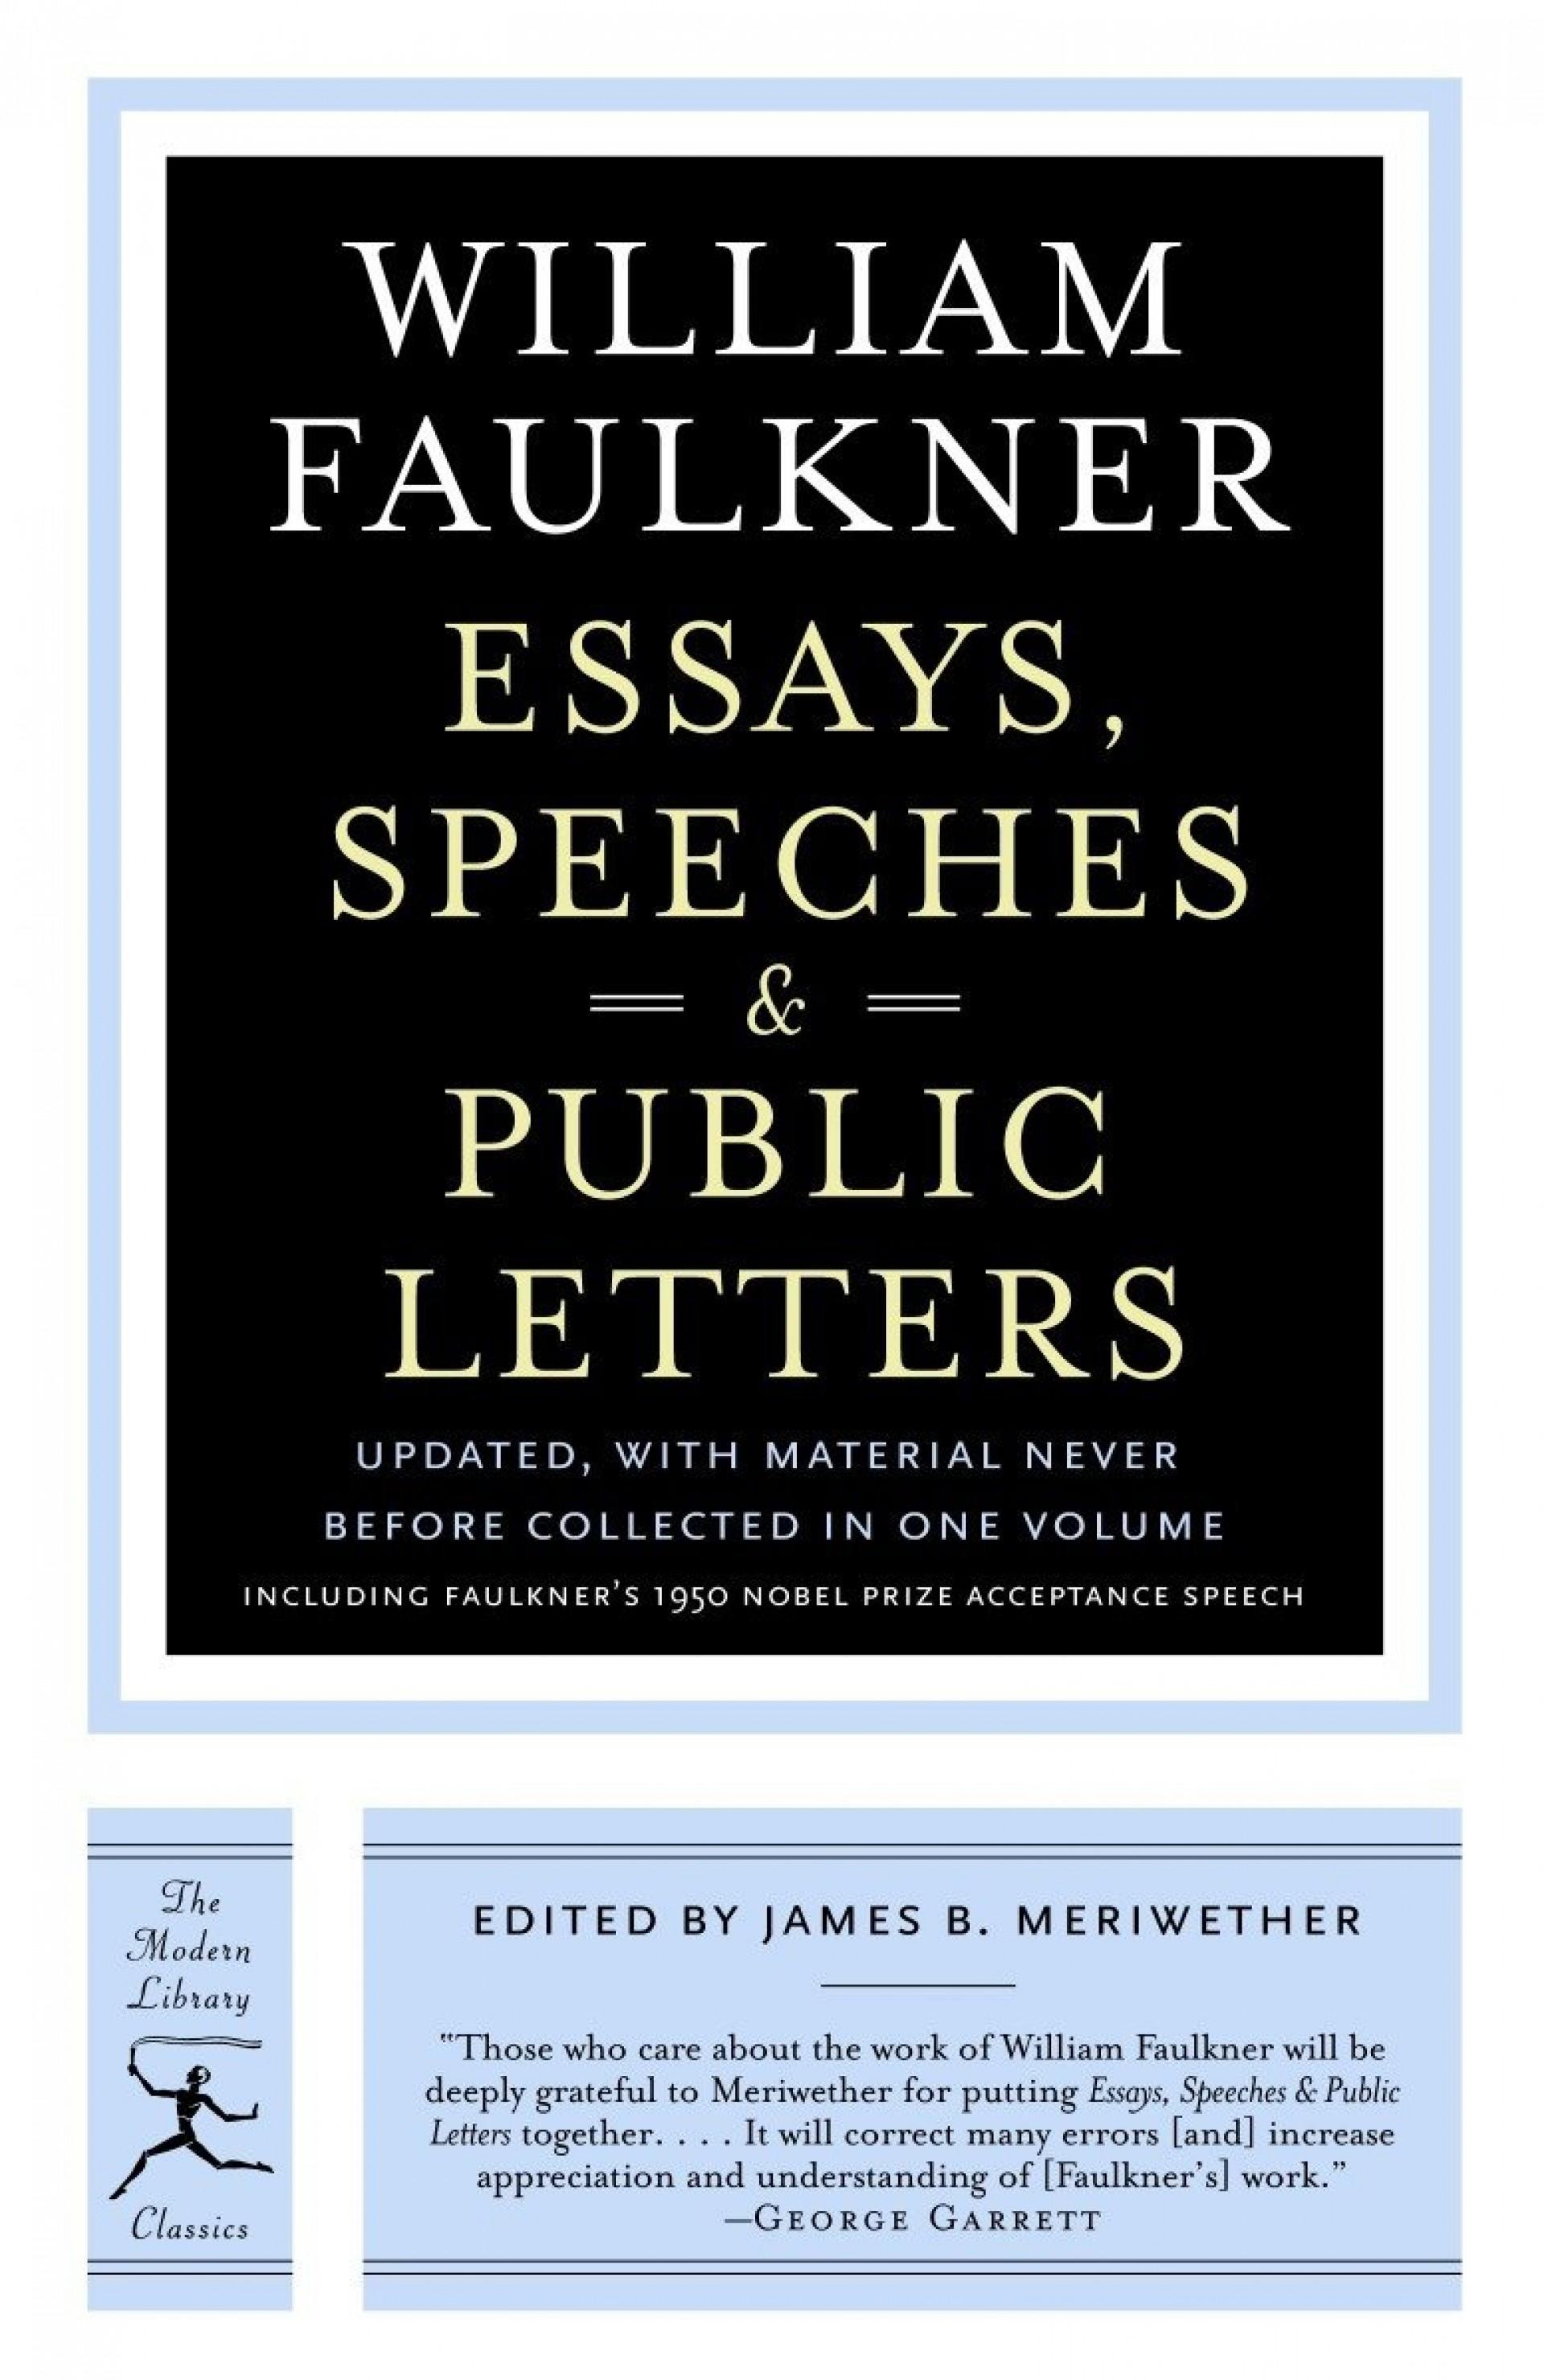 002 William Faulkner Essays Essay Example Stunning Topics 1920